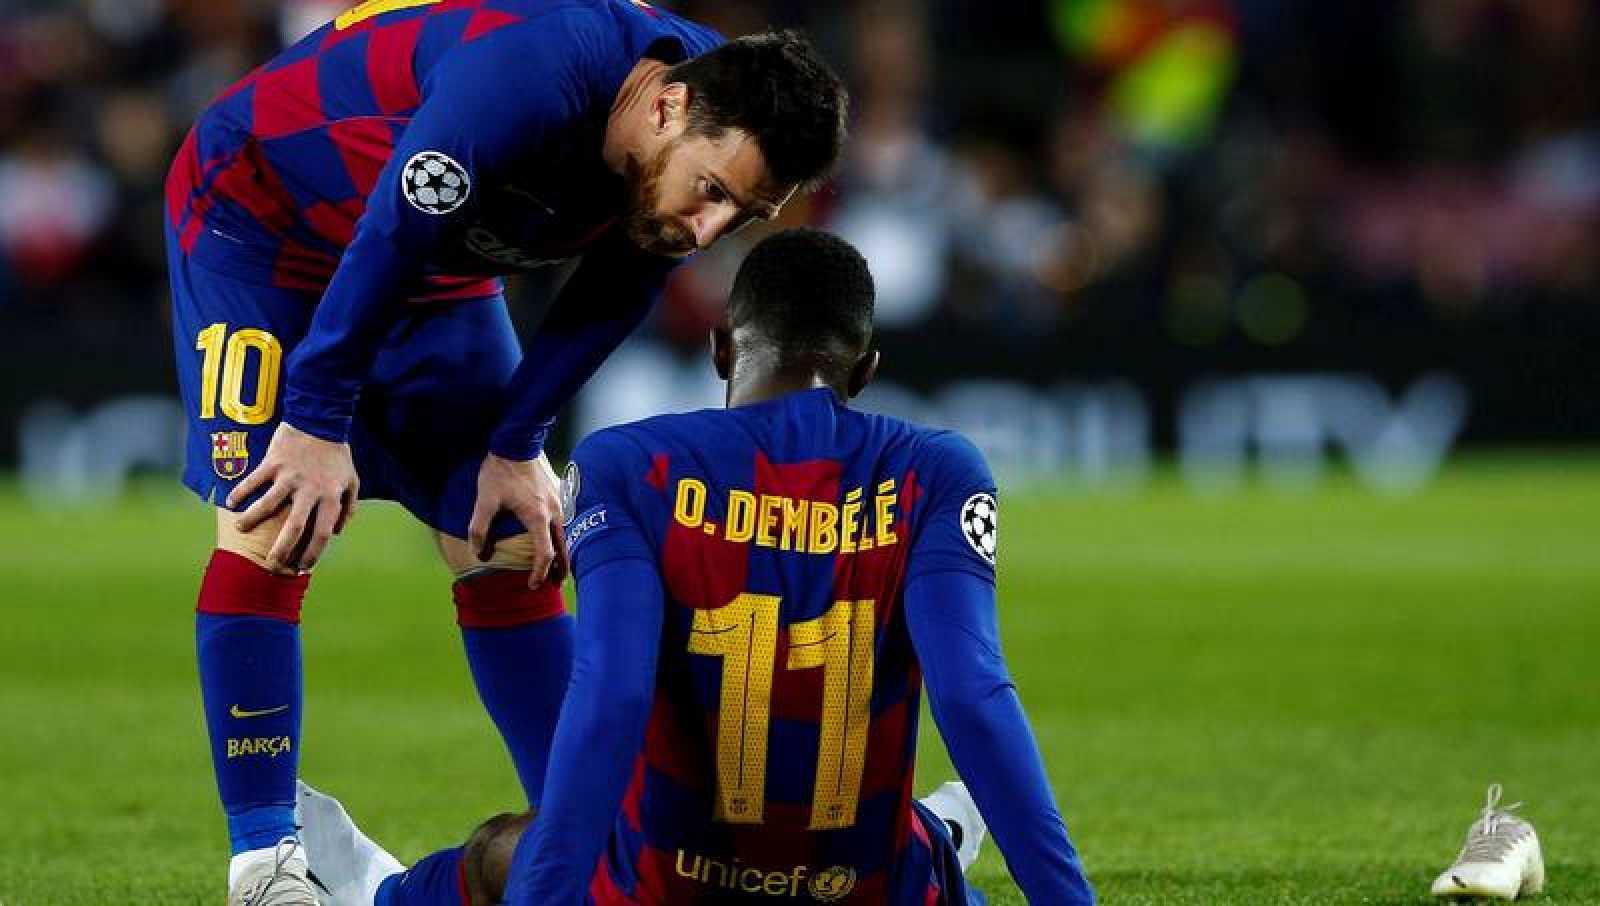 El delantero francés del FC Barcelona, Ousmane Dembélé (d), conversa con su compañero Leonel Messi (i) antes de ser sustituido aquejado de unas molestias